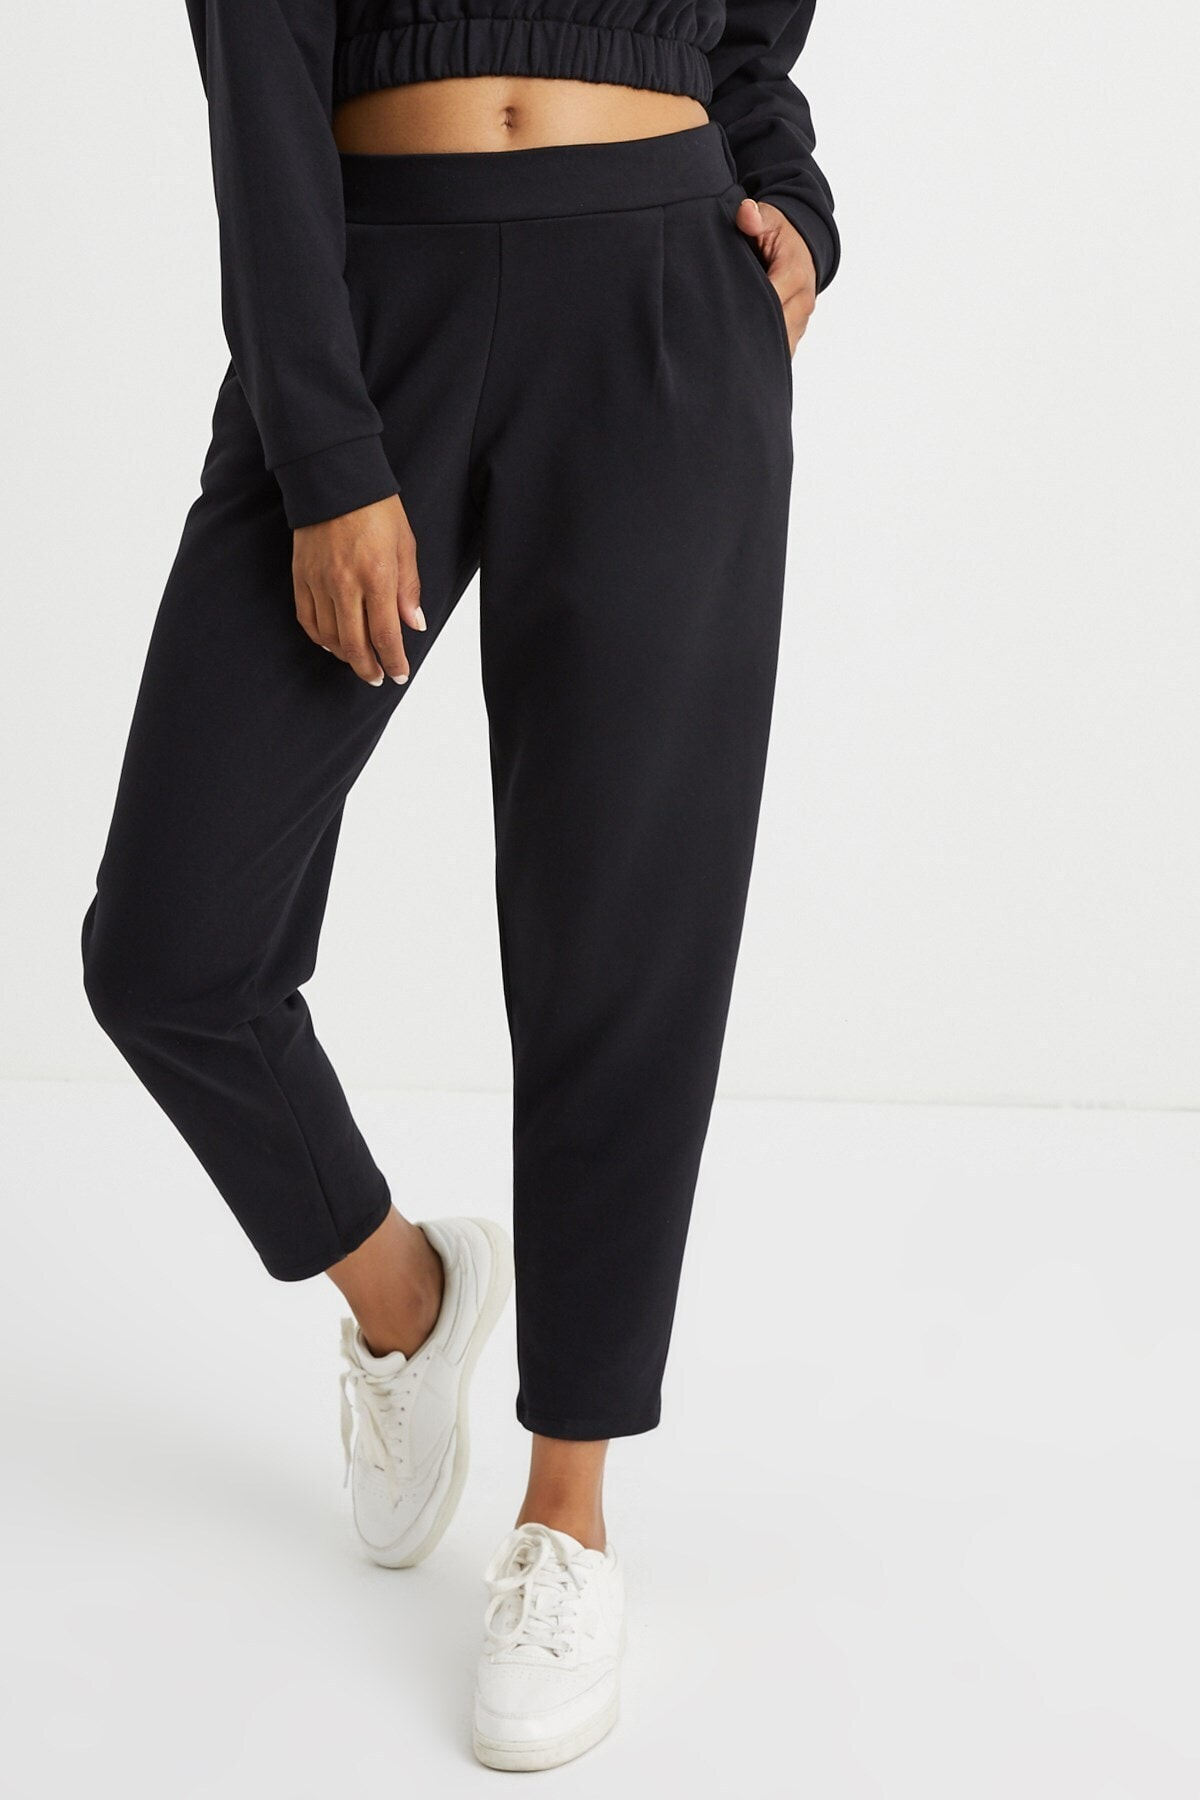 Curly Store Kadın Siyah Cepli Jogger Pantolon 1